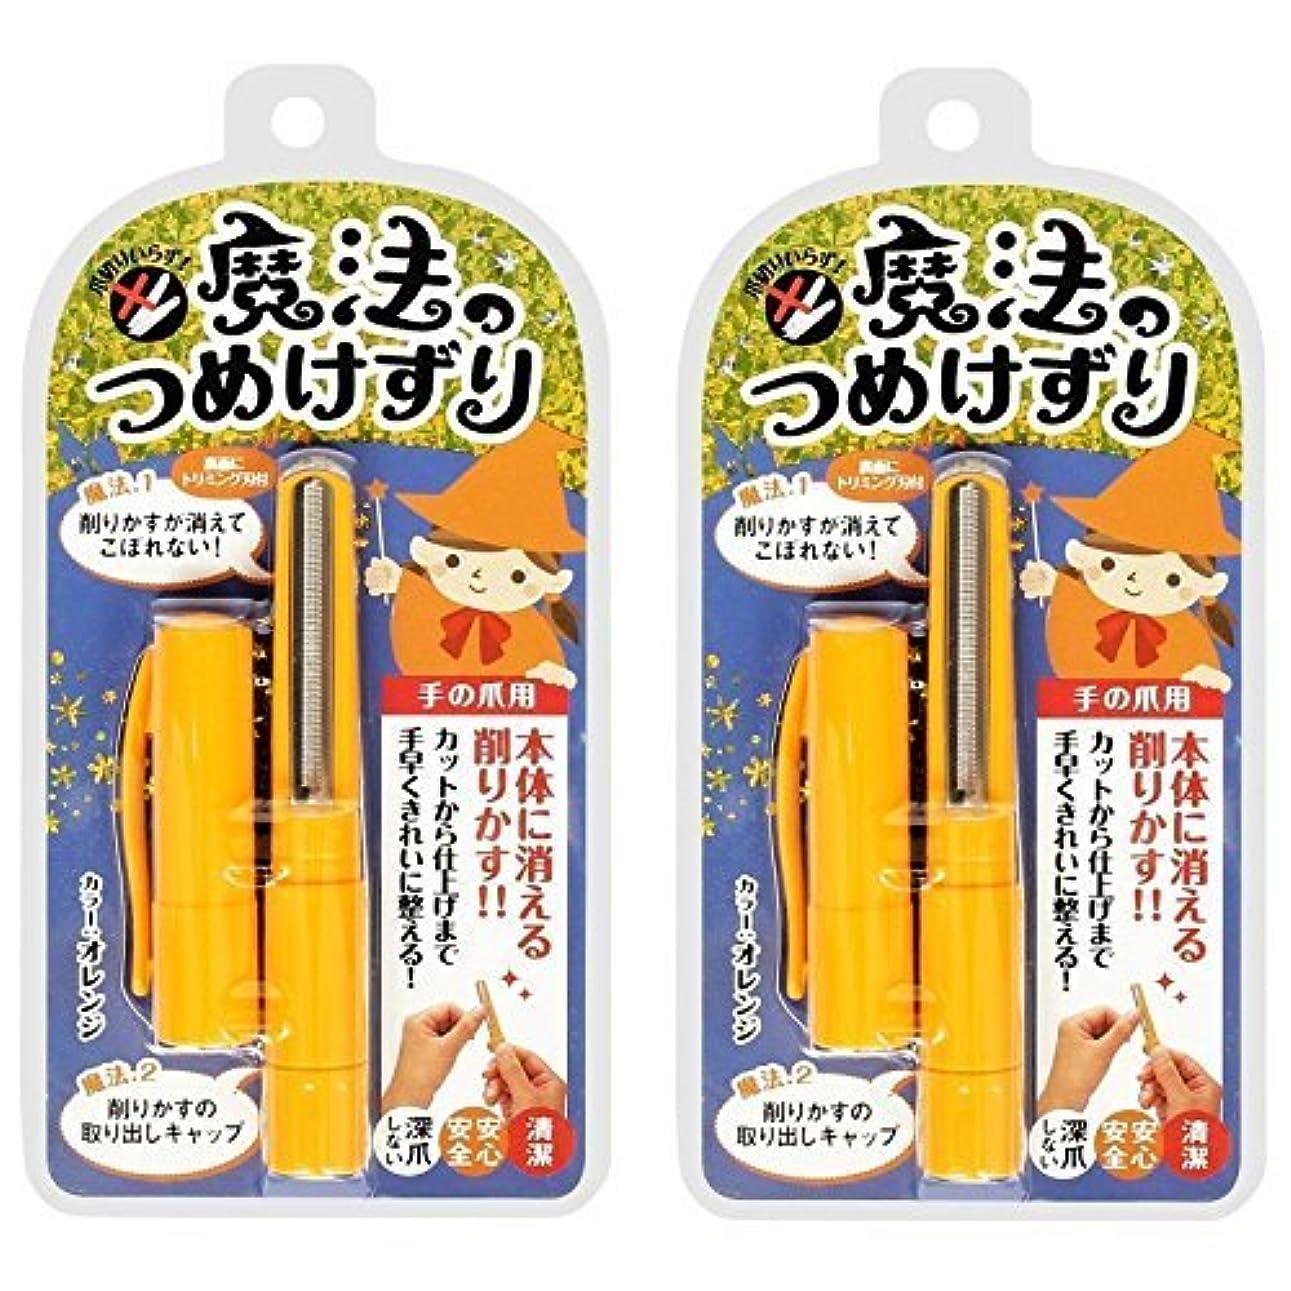 磁気優れた精神医学【セット品】松本金型 魔法のつめけずり MM-090 オレンジ (2個)